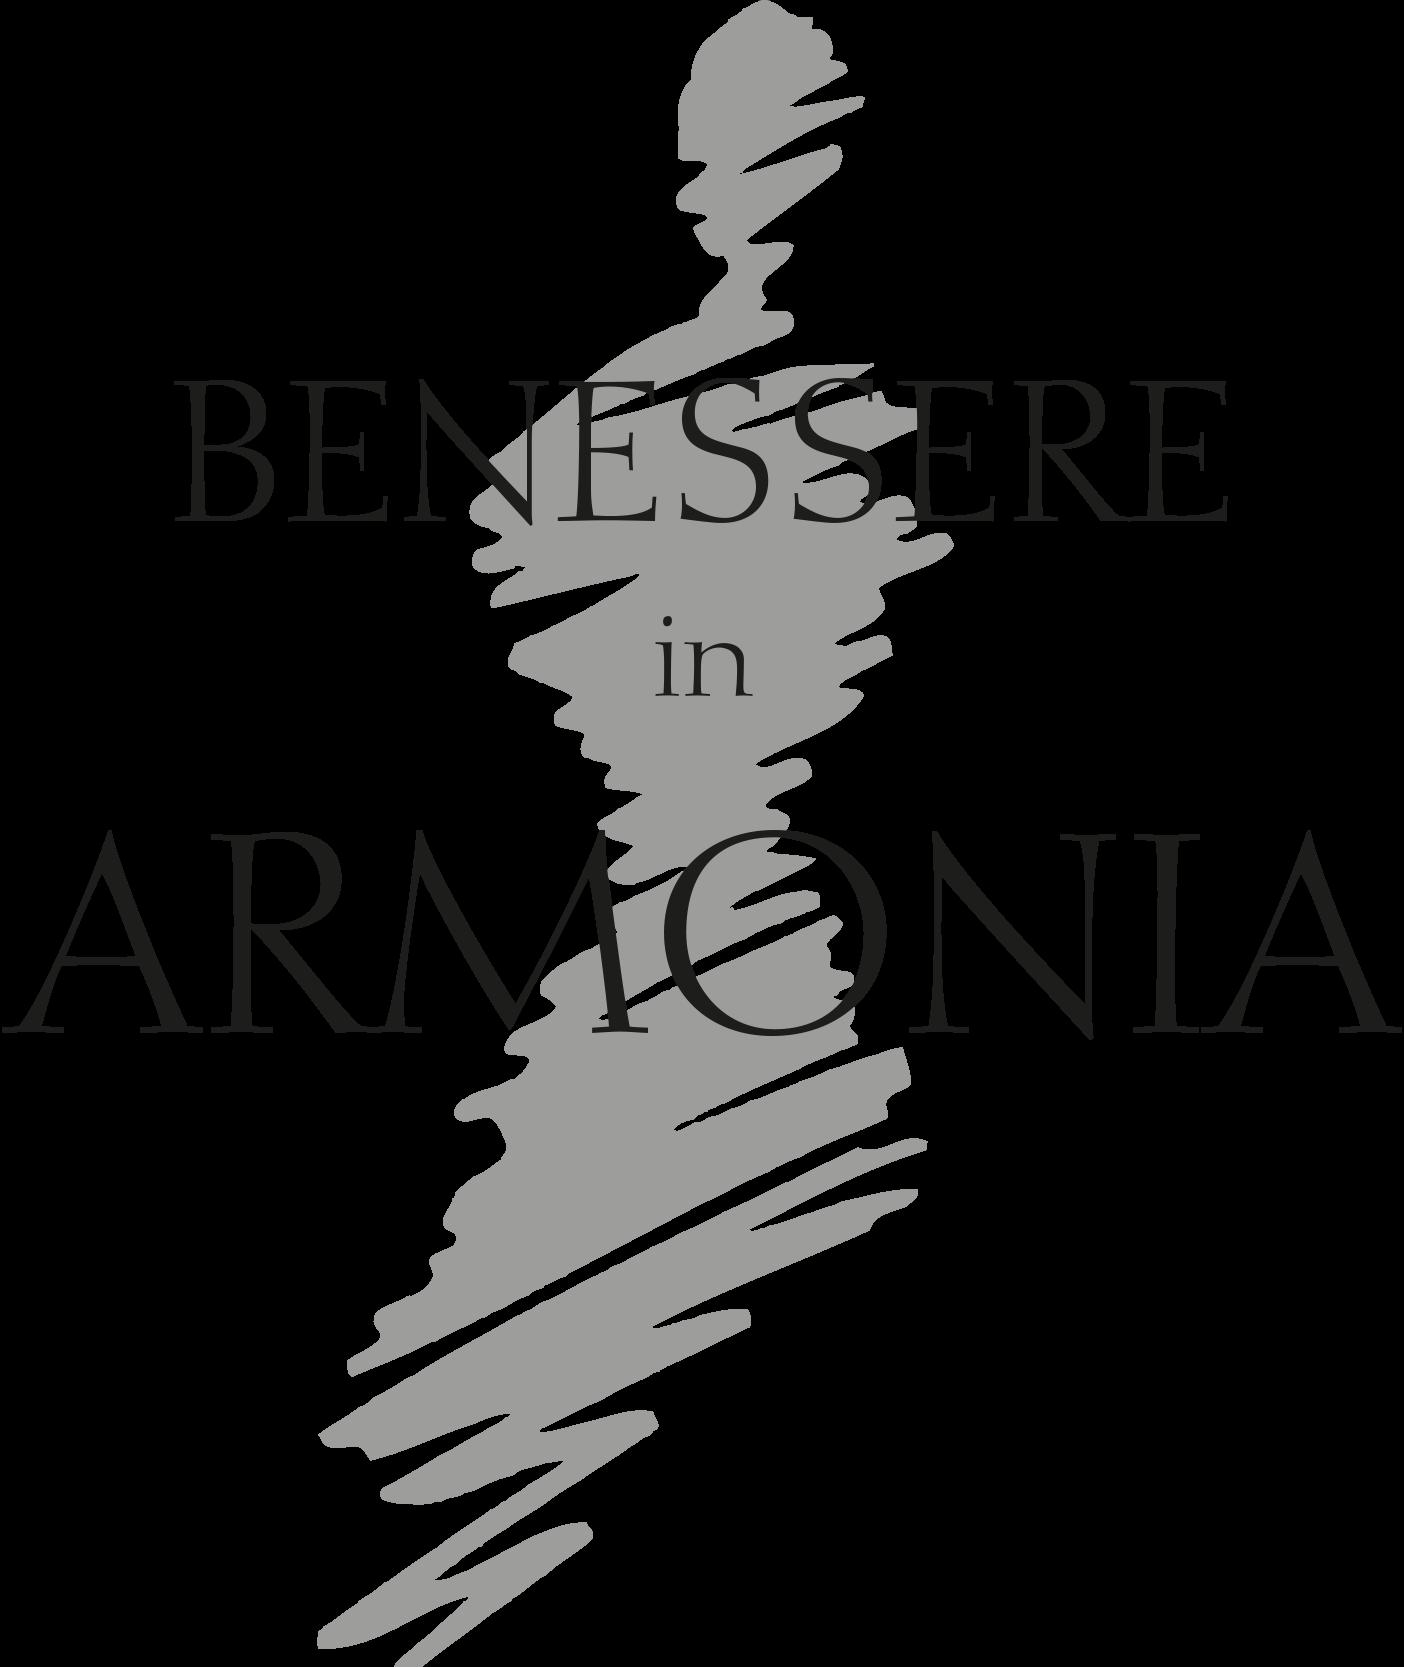 Benessere in Armonia